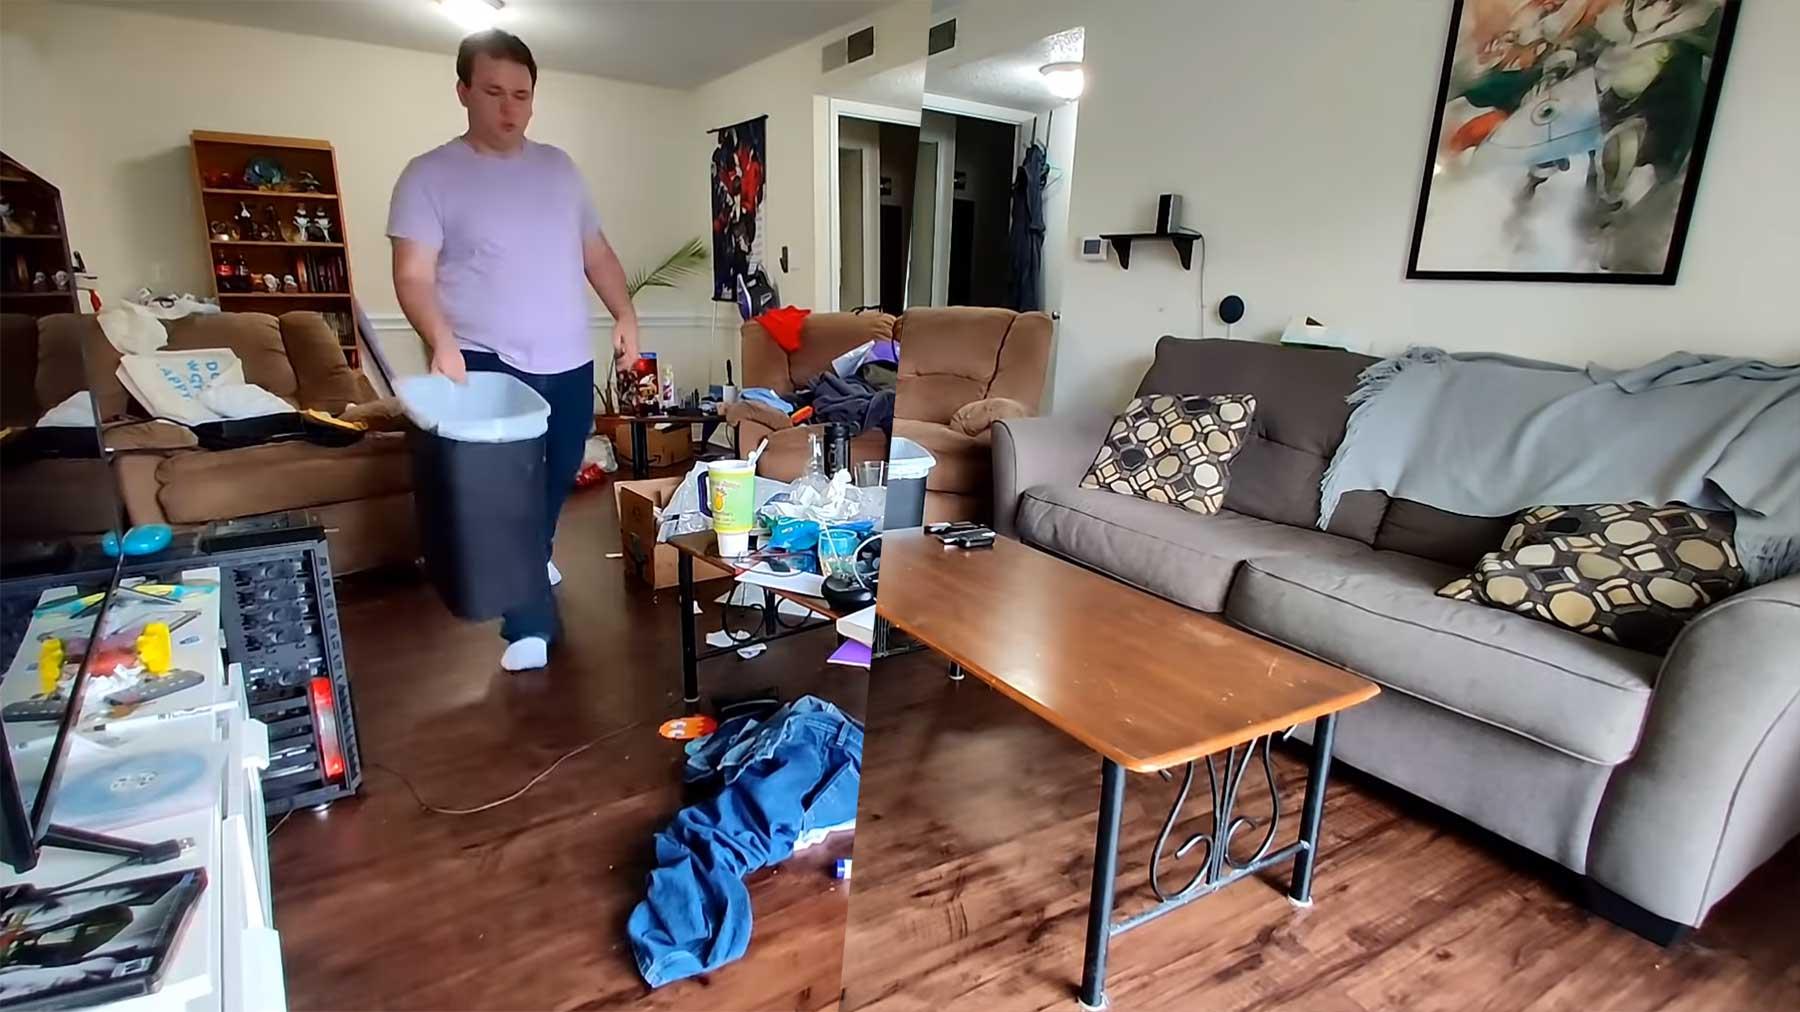 Wohnung aufräumen im Schnelldurchlauf